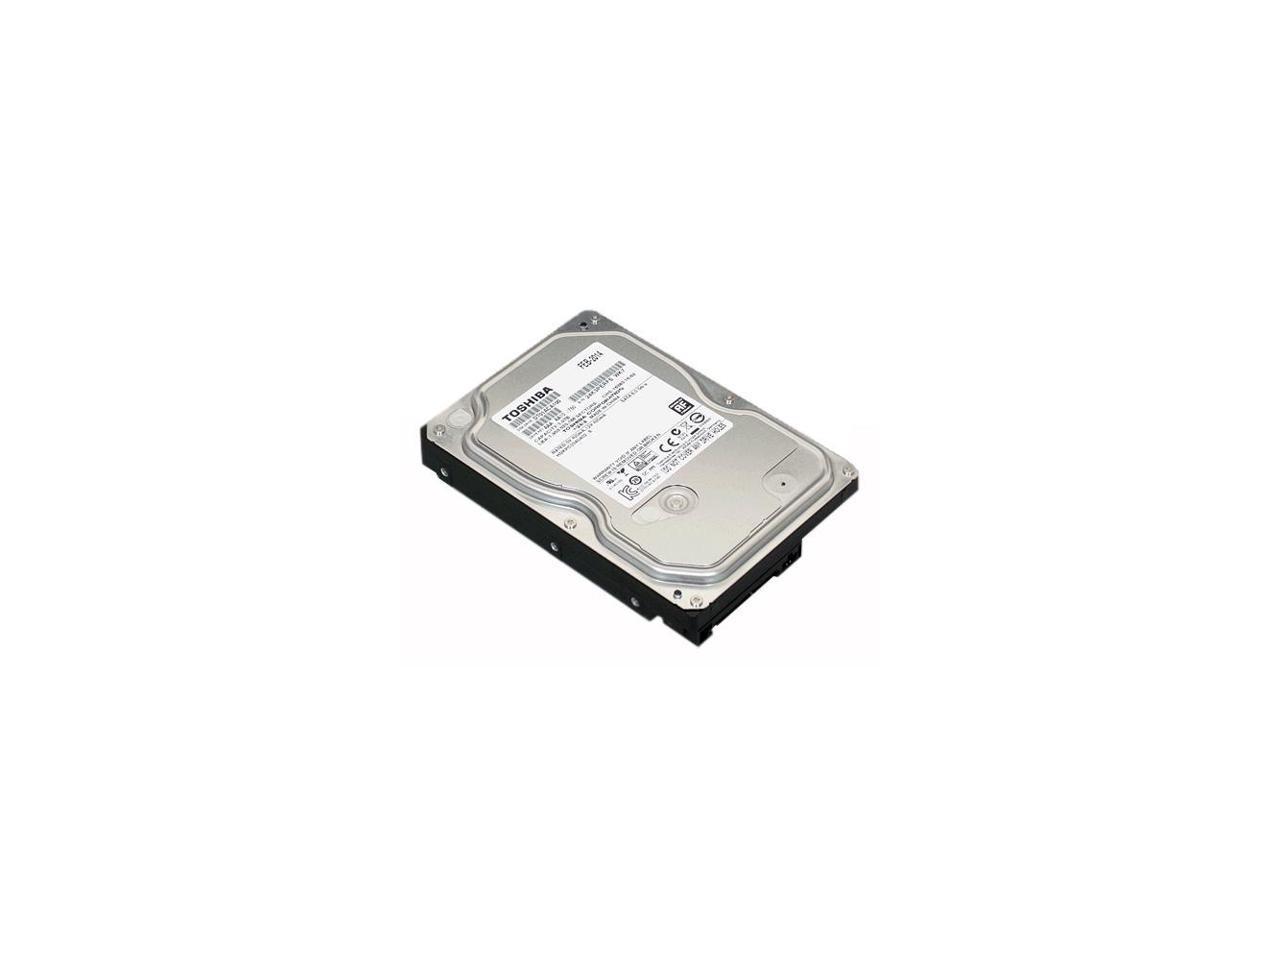 FP1A HDETR10GEA51 F//W Toshiba MD04ACA500 5TB P//N